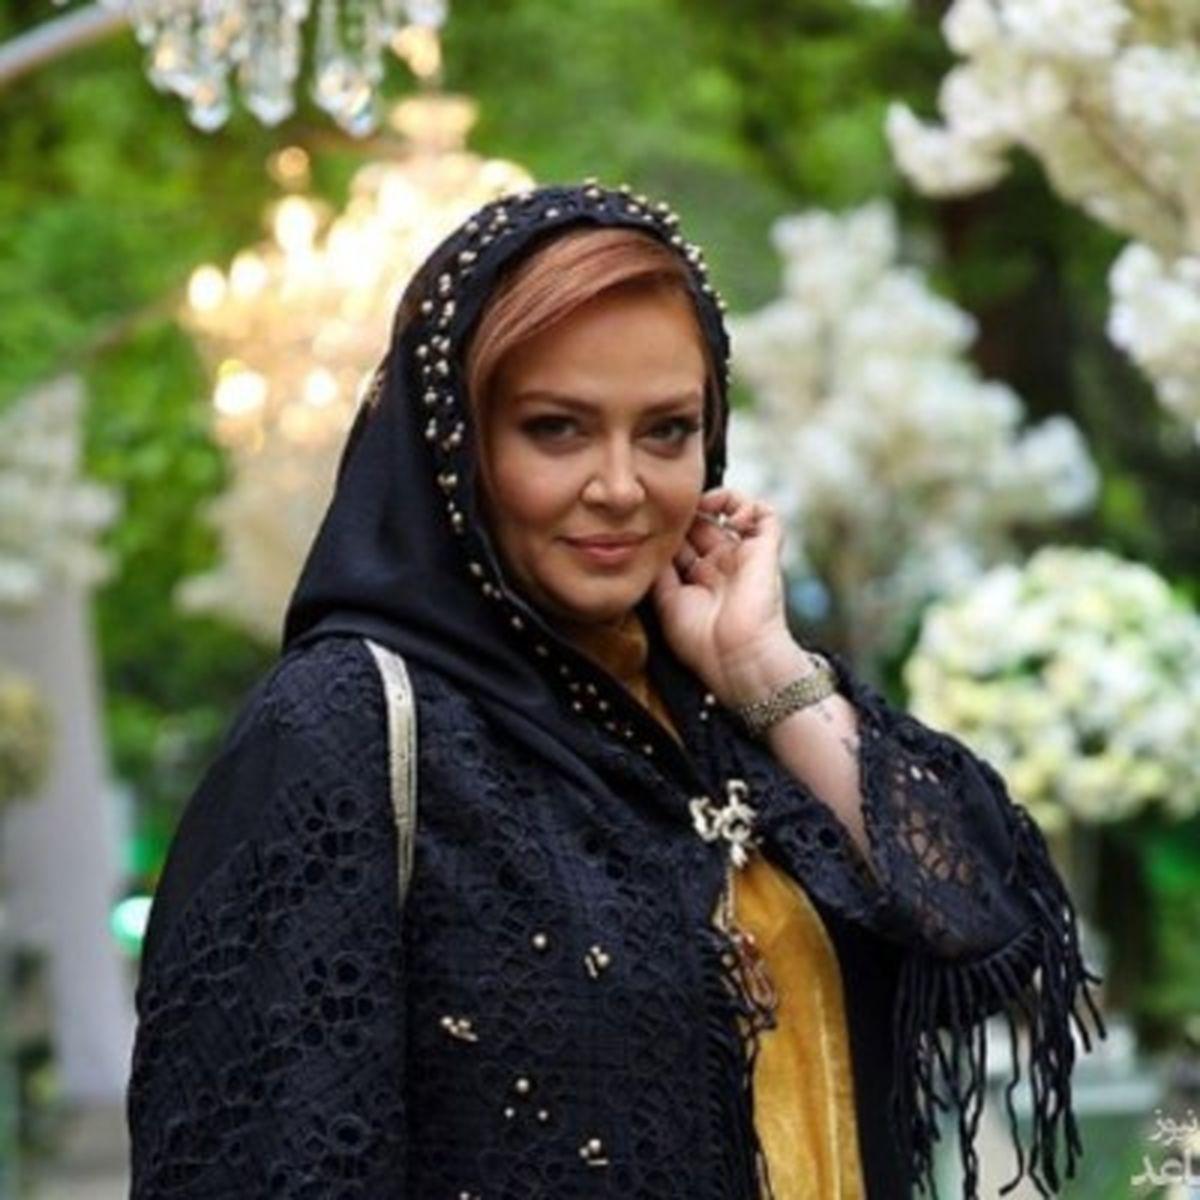 بهاره رهنما| صحبتهای جنجالی درباره چند همسری + عکس و بیوگرافی